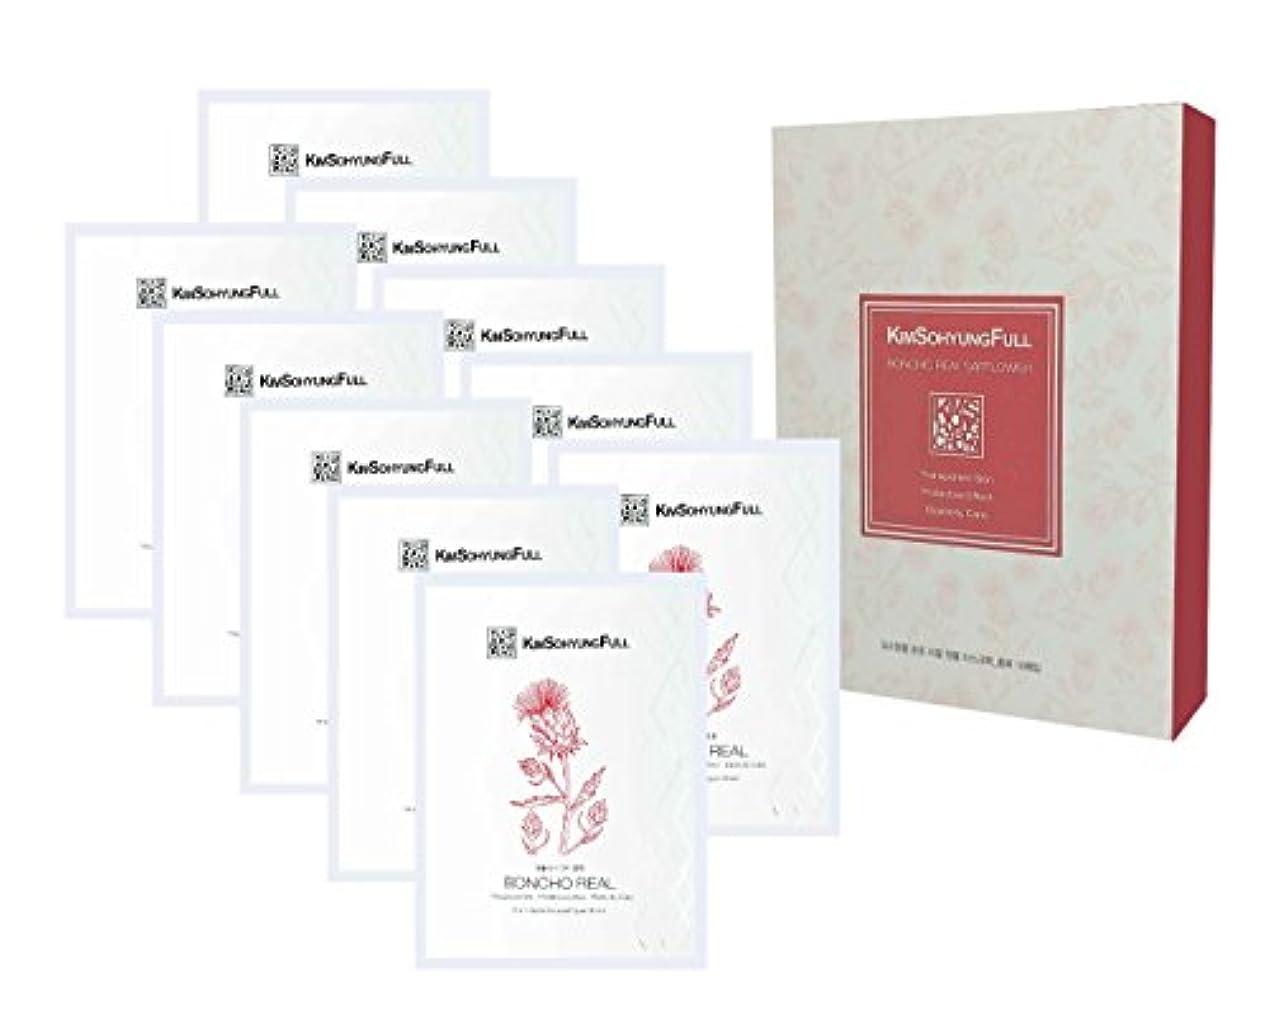 驚かすマルコポーロシャワー[ギムソヒョンフル] 本草 本物のべに花の花びらを使ったシートマスク10枚パック -本物のべに花の花びらを4%配合、革新的な3葬式の100%天然ボタニカルシート、23ml / 0.77液体オンス